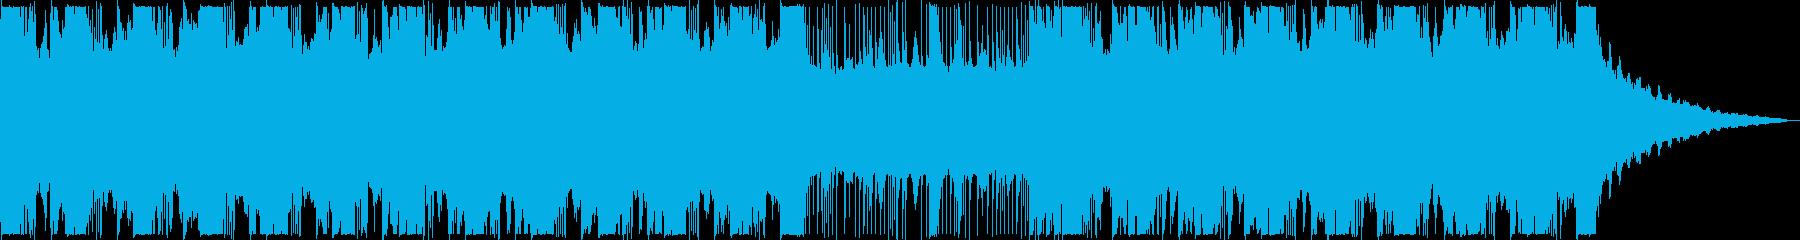 迫力のあるサスペンス風BGMの再生済みの波形